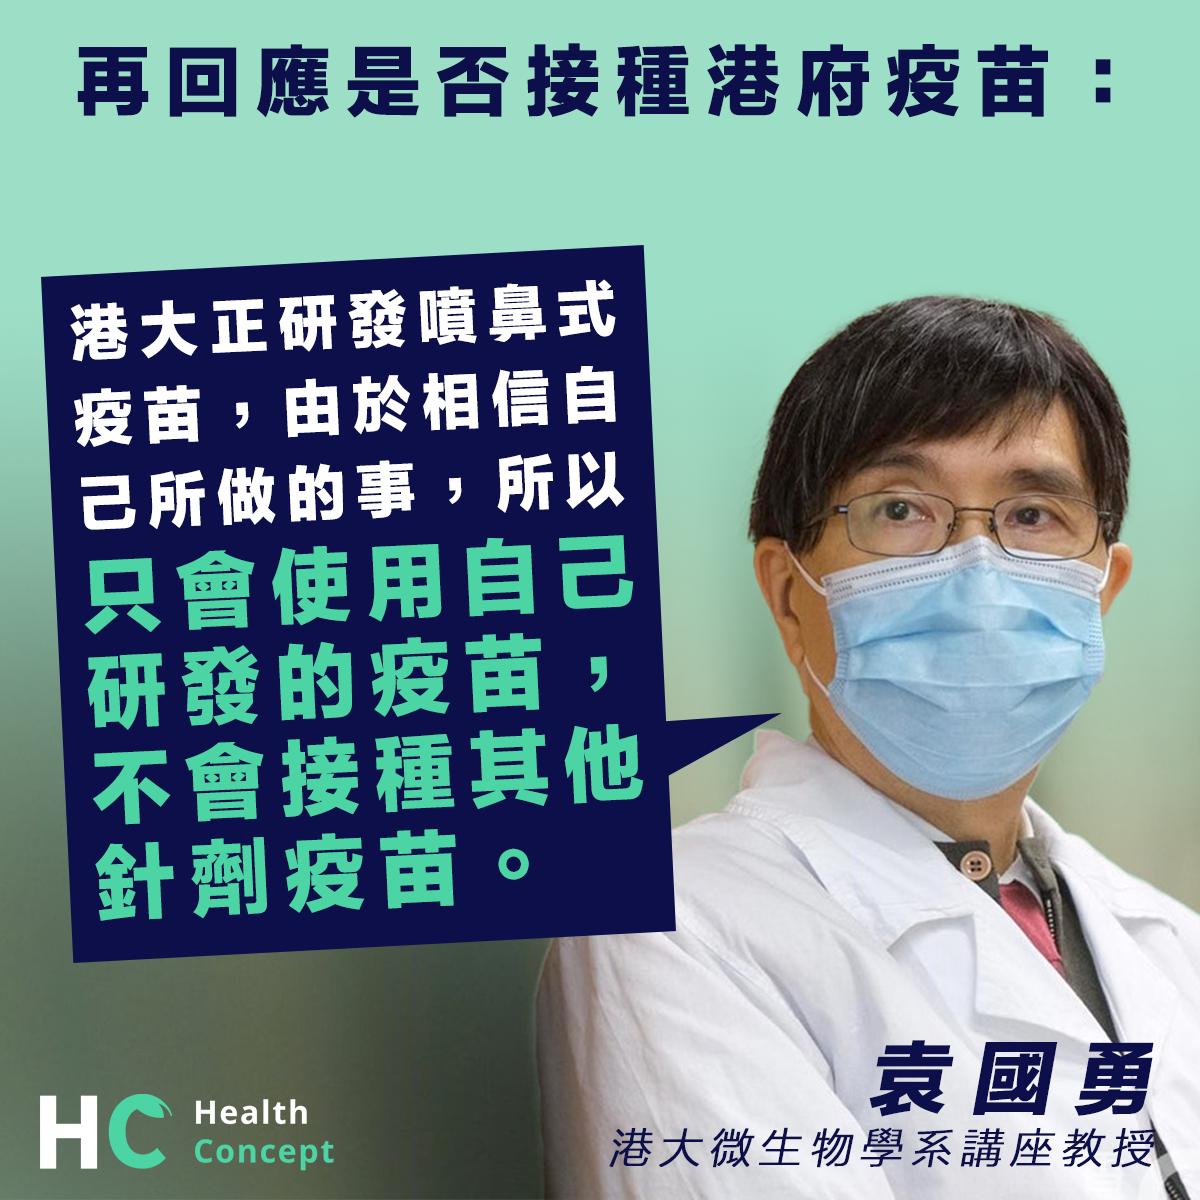 袁國勇:相信自己做的事 只使用自己研發的疫苗